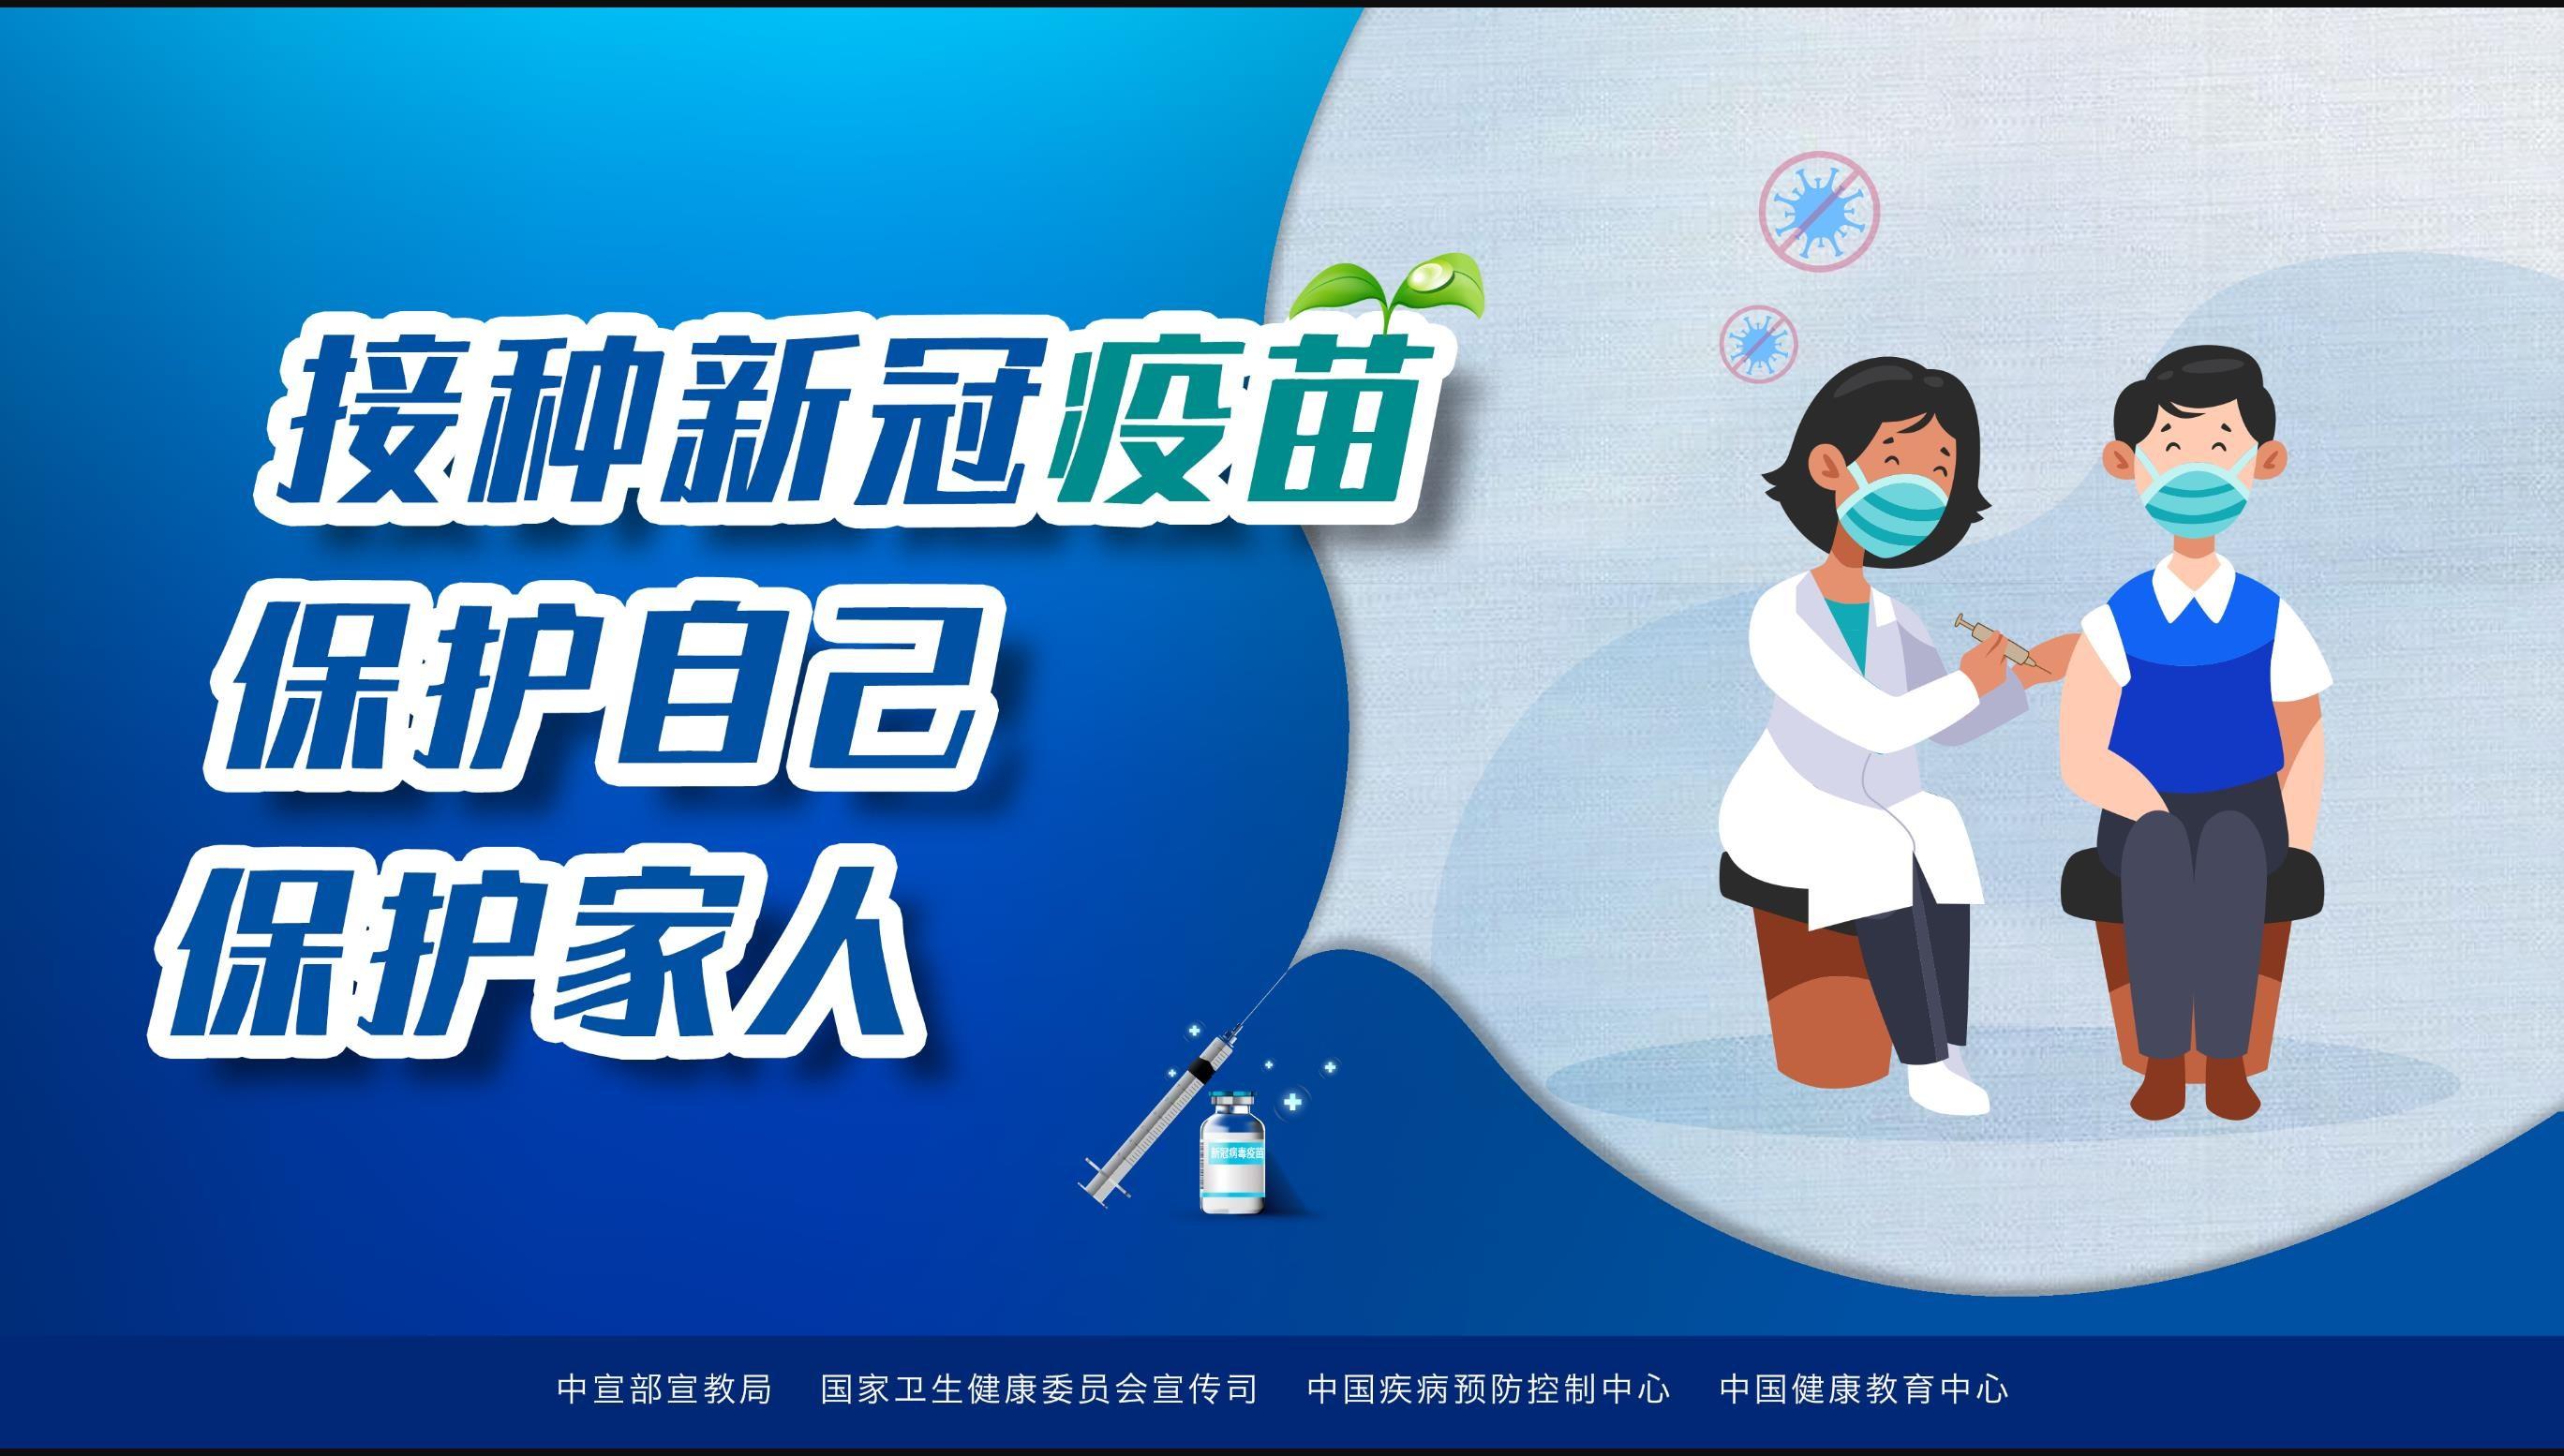 疫情防控公益广告